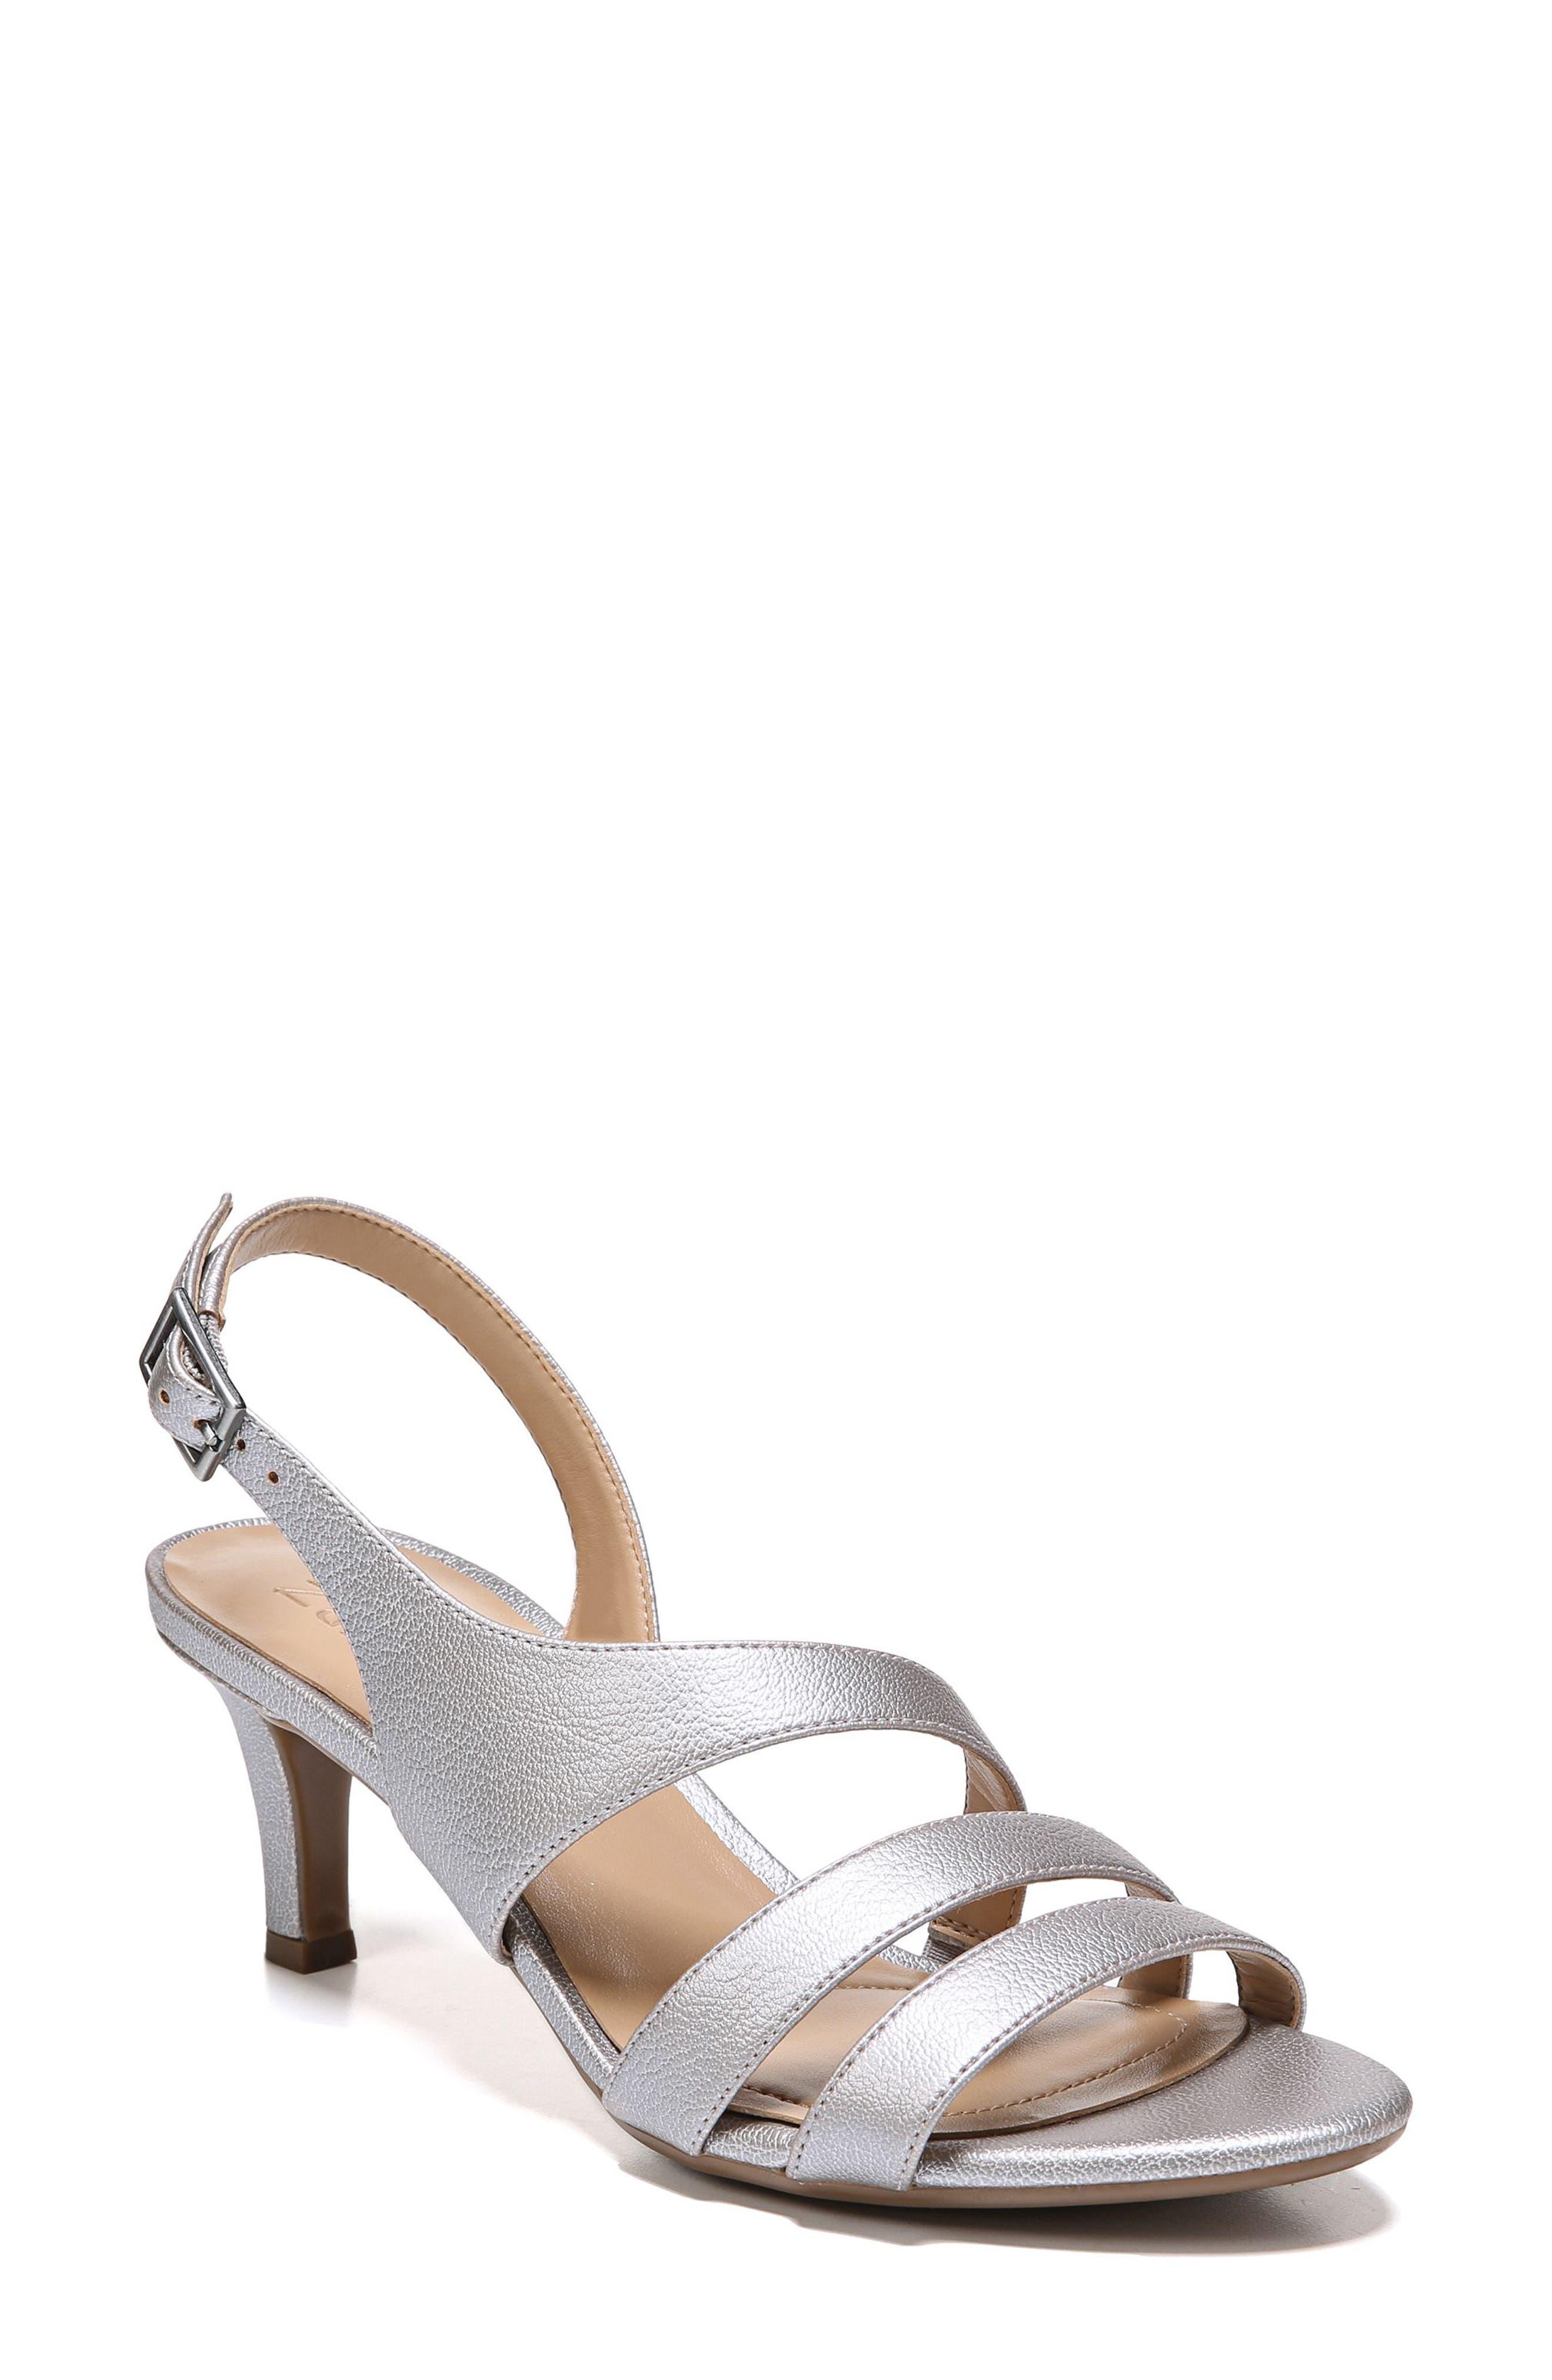 Main Image - Naturalizer 'Tami' Sandal (Women)